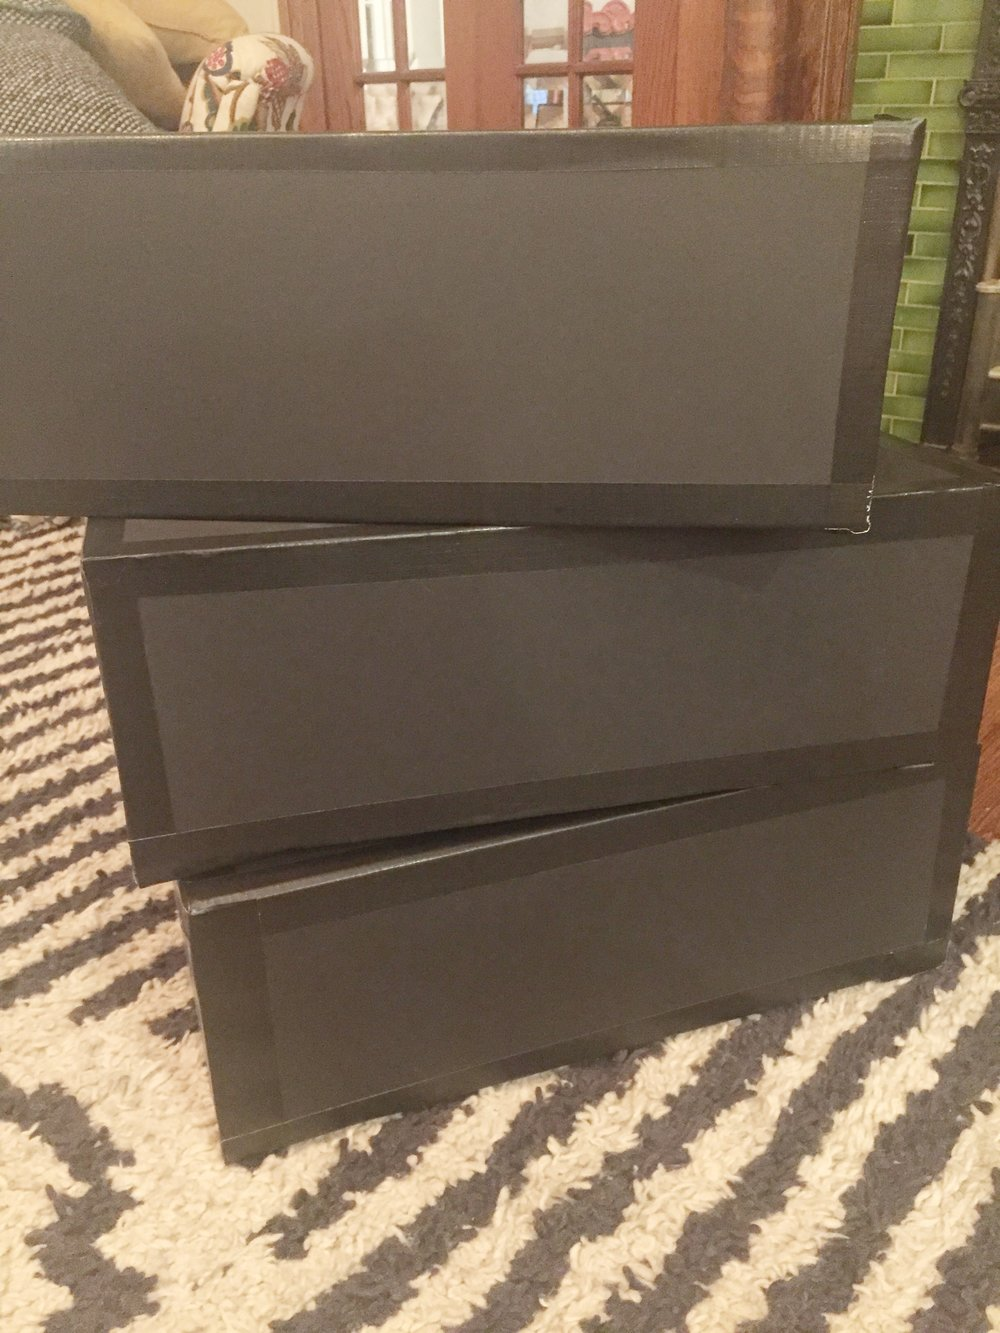 Step 1: Make 3 boxes